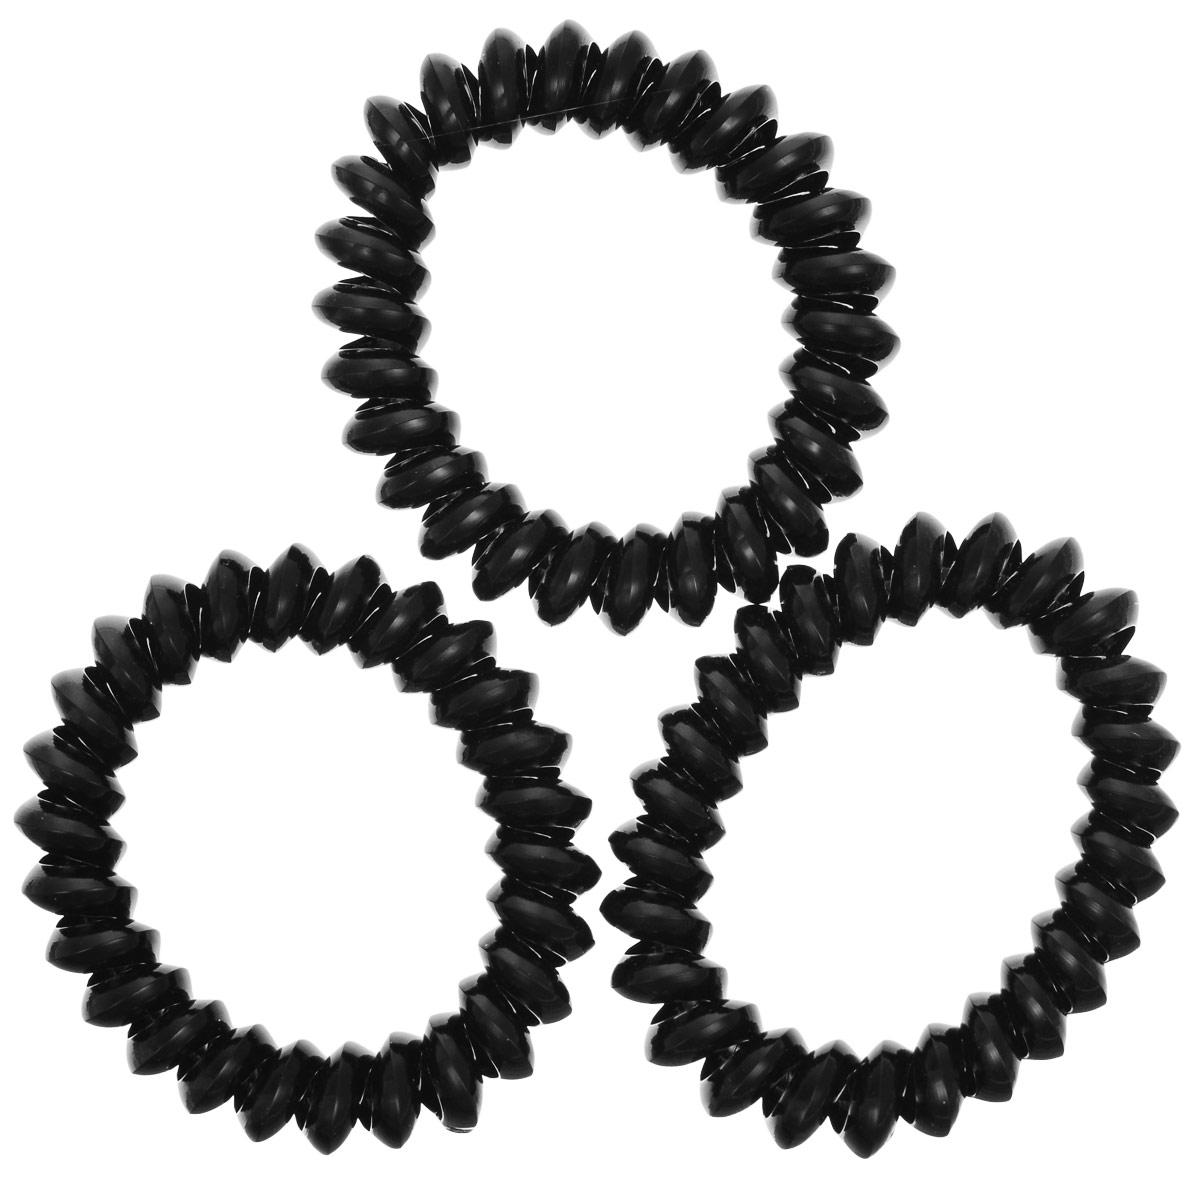 Резинка для волос Mitya Veselkov Strong Black, цвет: черный, 3 шт. ELASTIC-BR-BLACK